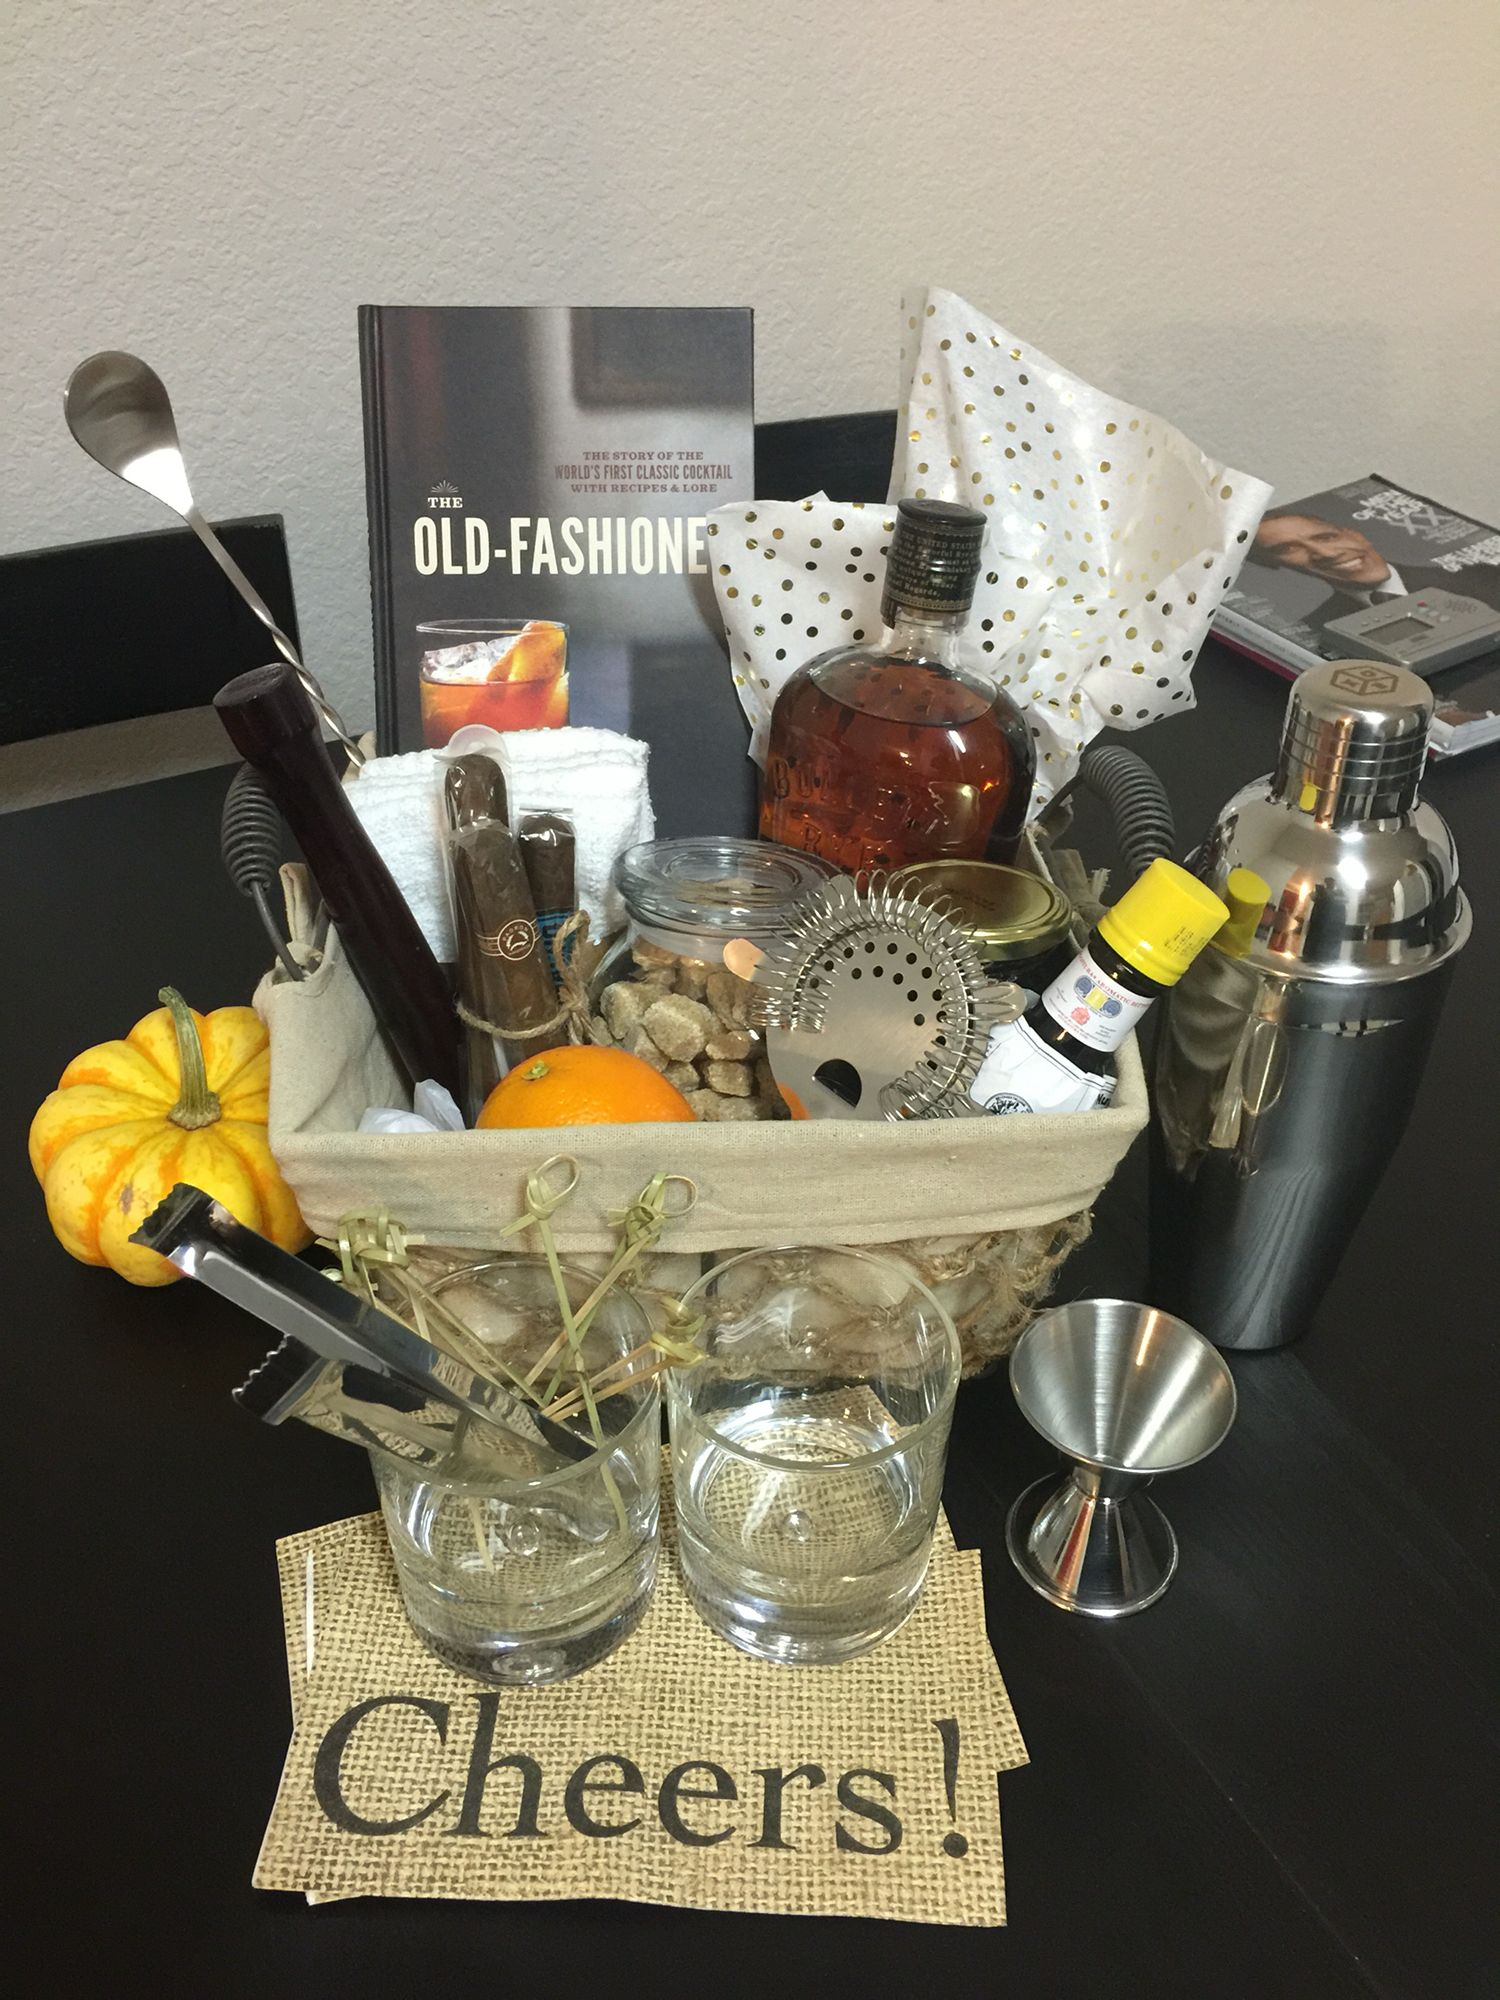 man gift basket the old fashion cocktail geschenke pinterest geschenke geburtstag und. Black Bedroom Furniture Sets. Home Design Ideas